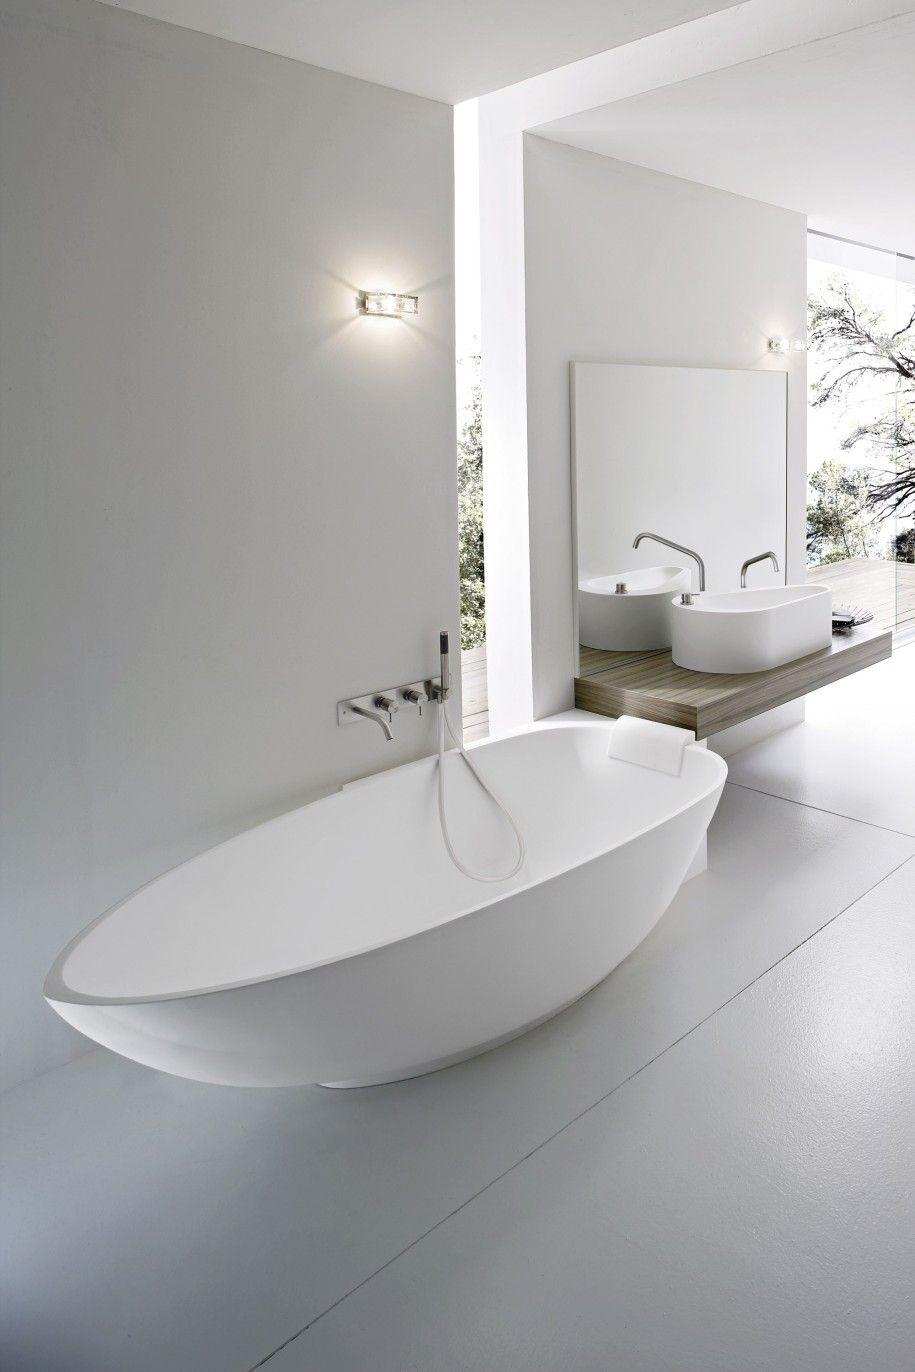 10 most beautiful and stylish bathtubs designs bathroom ideas rh pinterest de